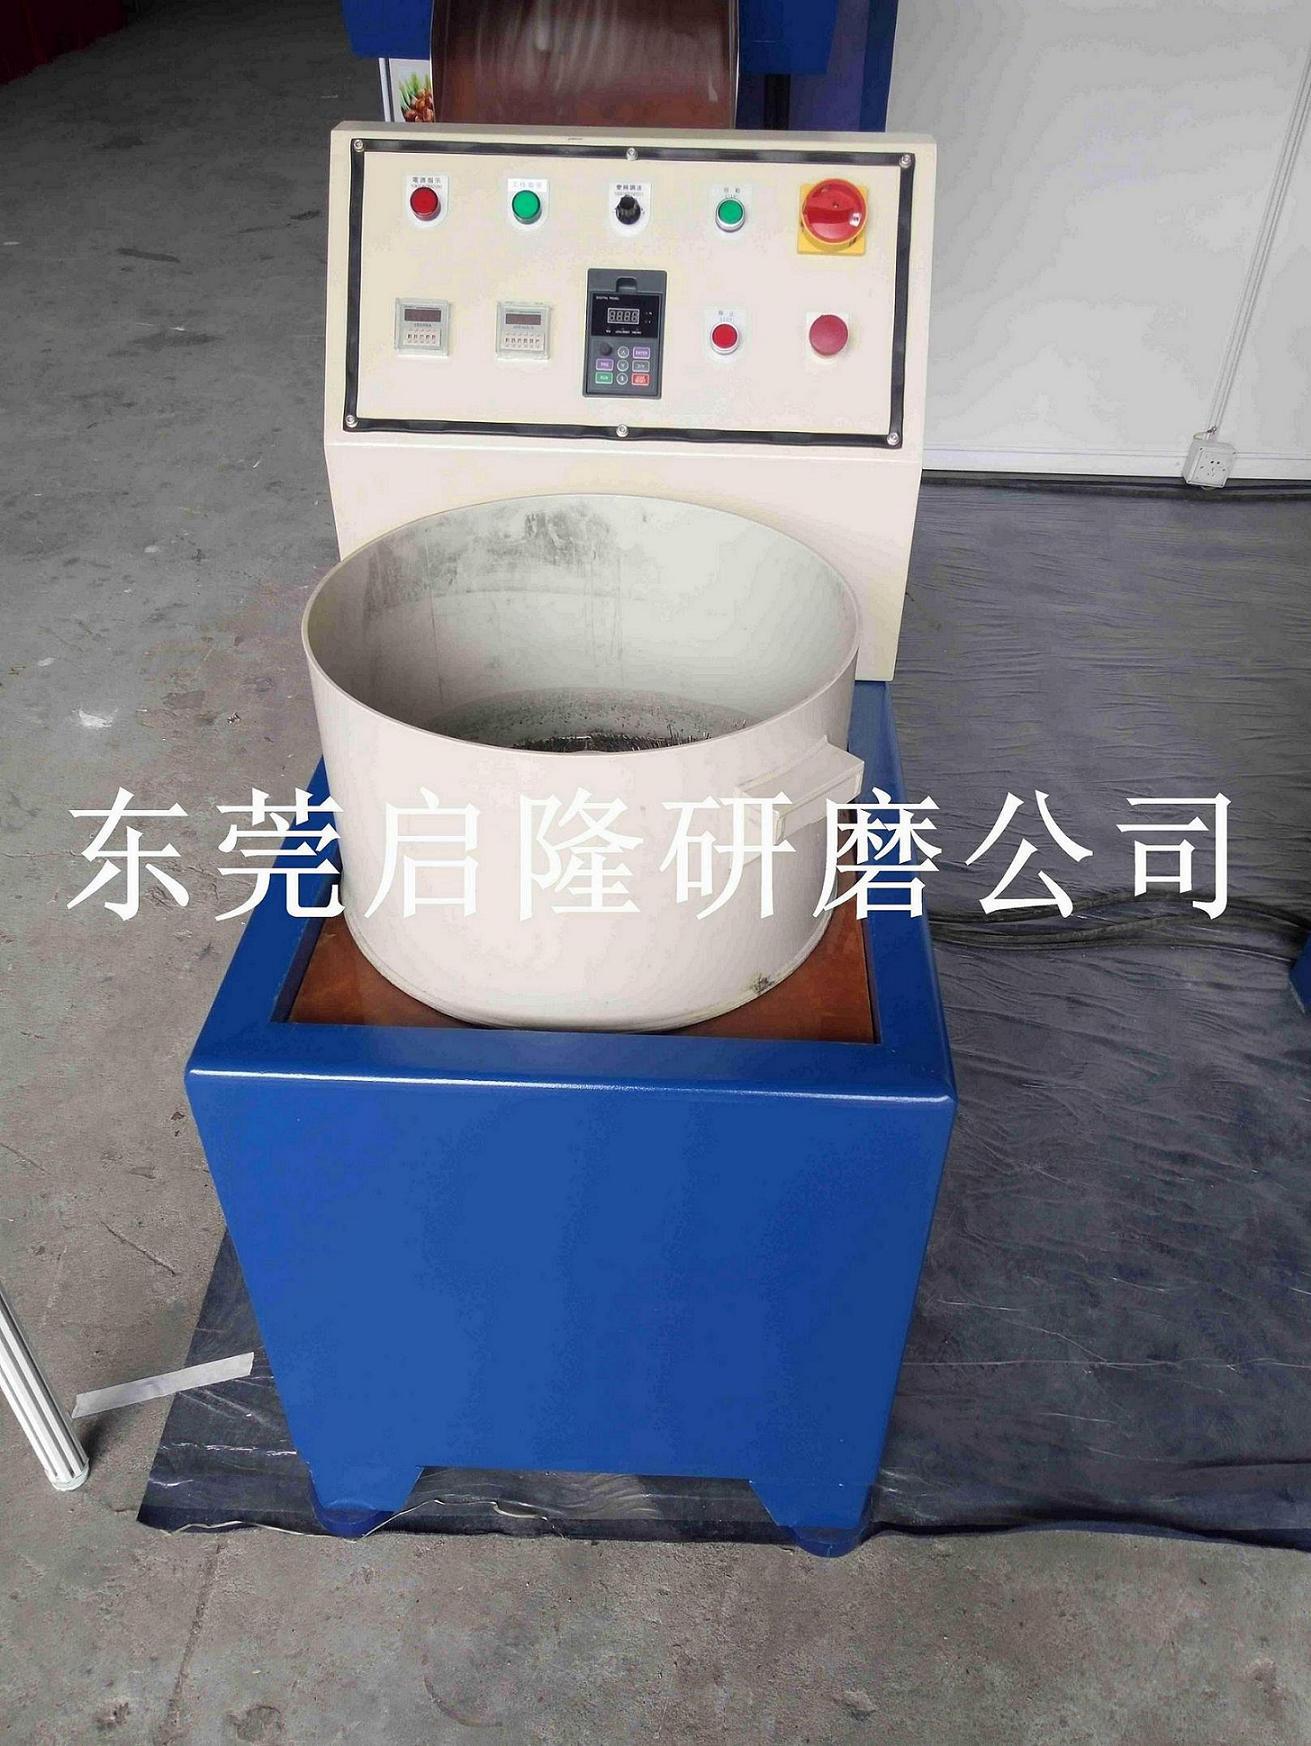 東莞磁力光飾機,啓隆磁力研磨機